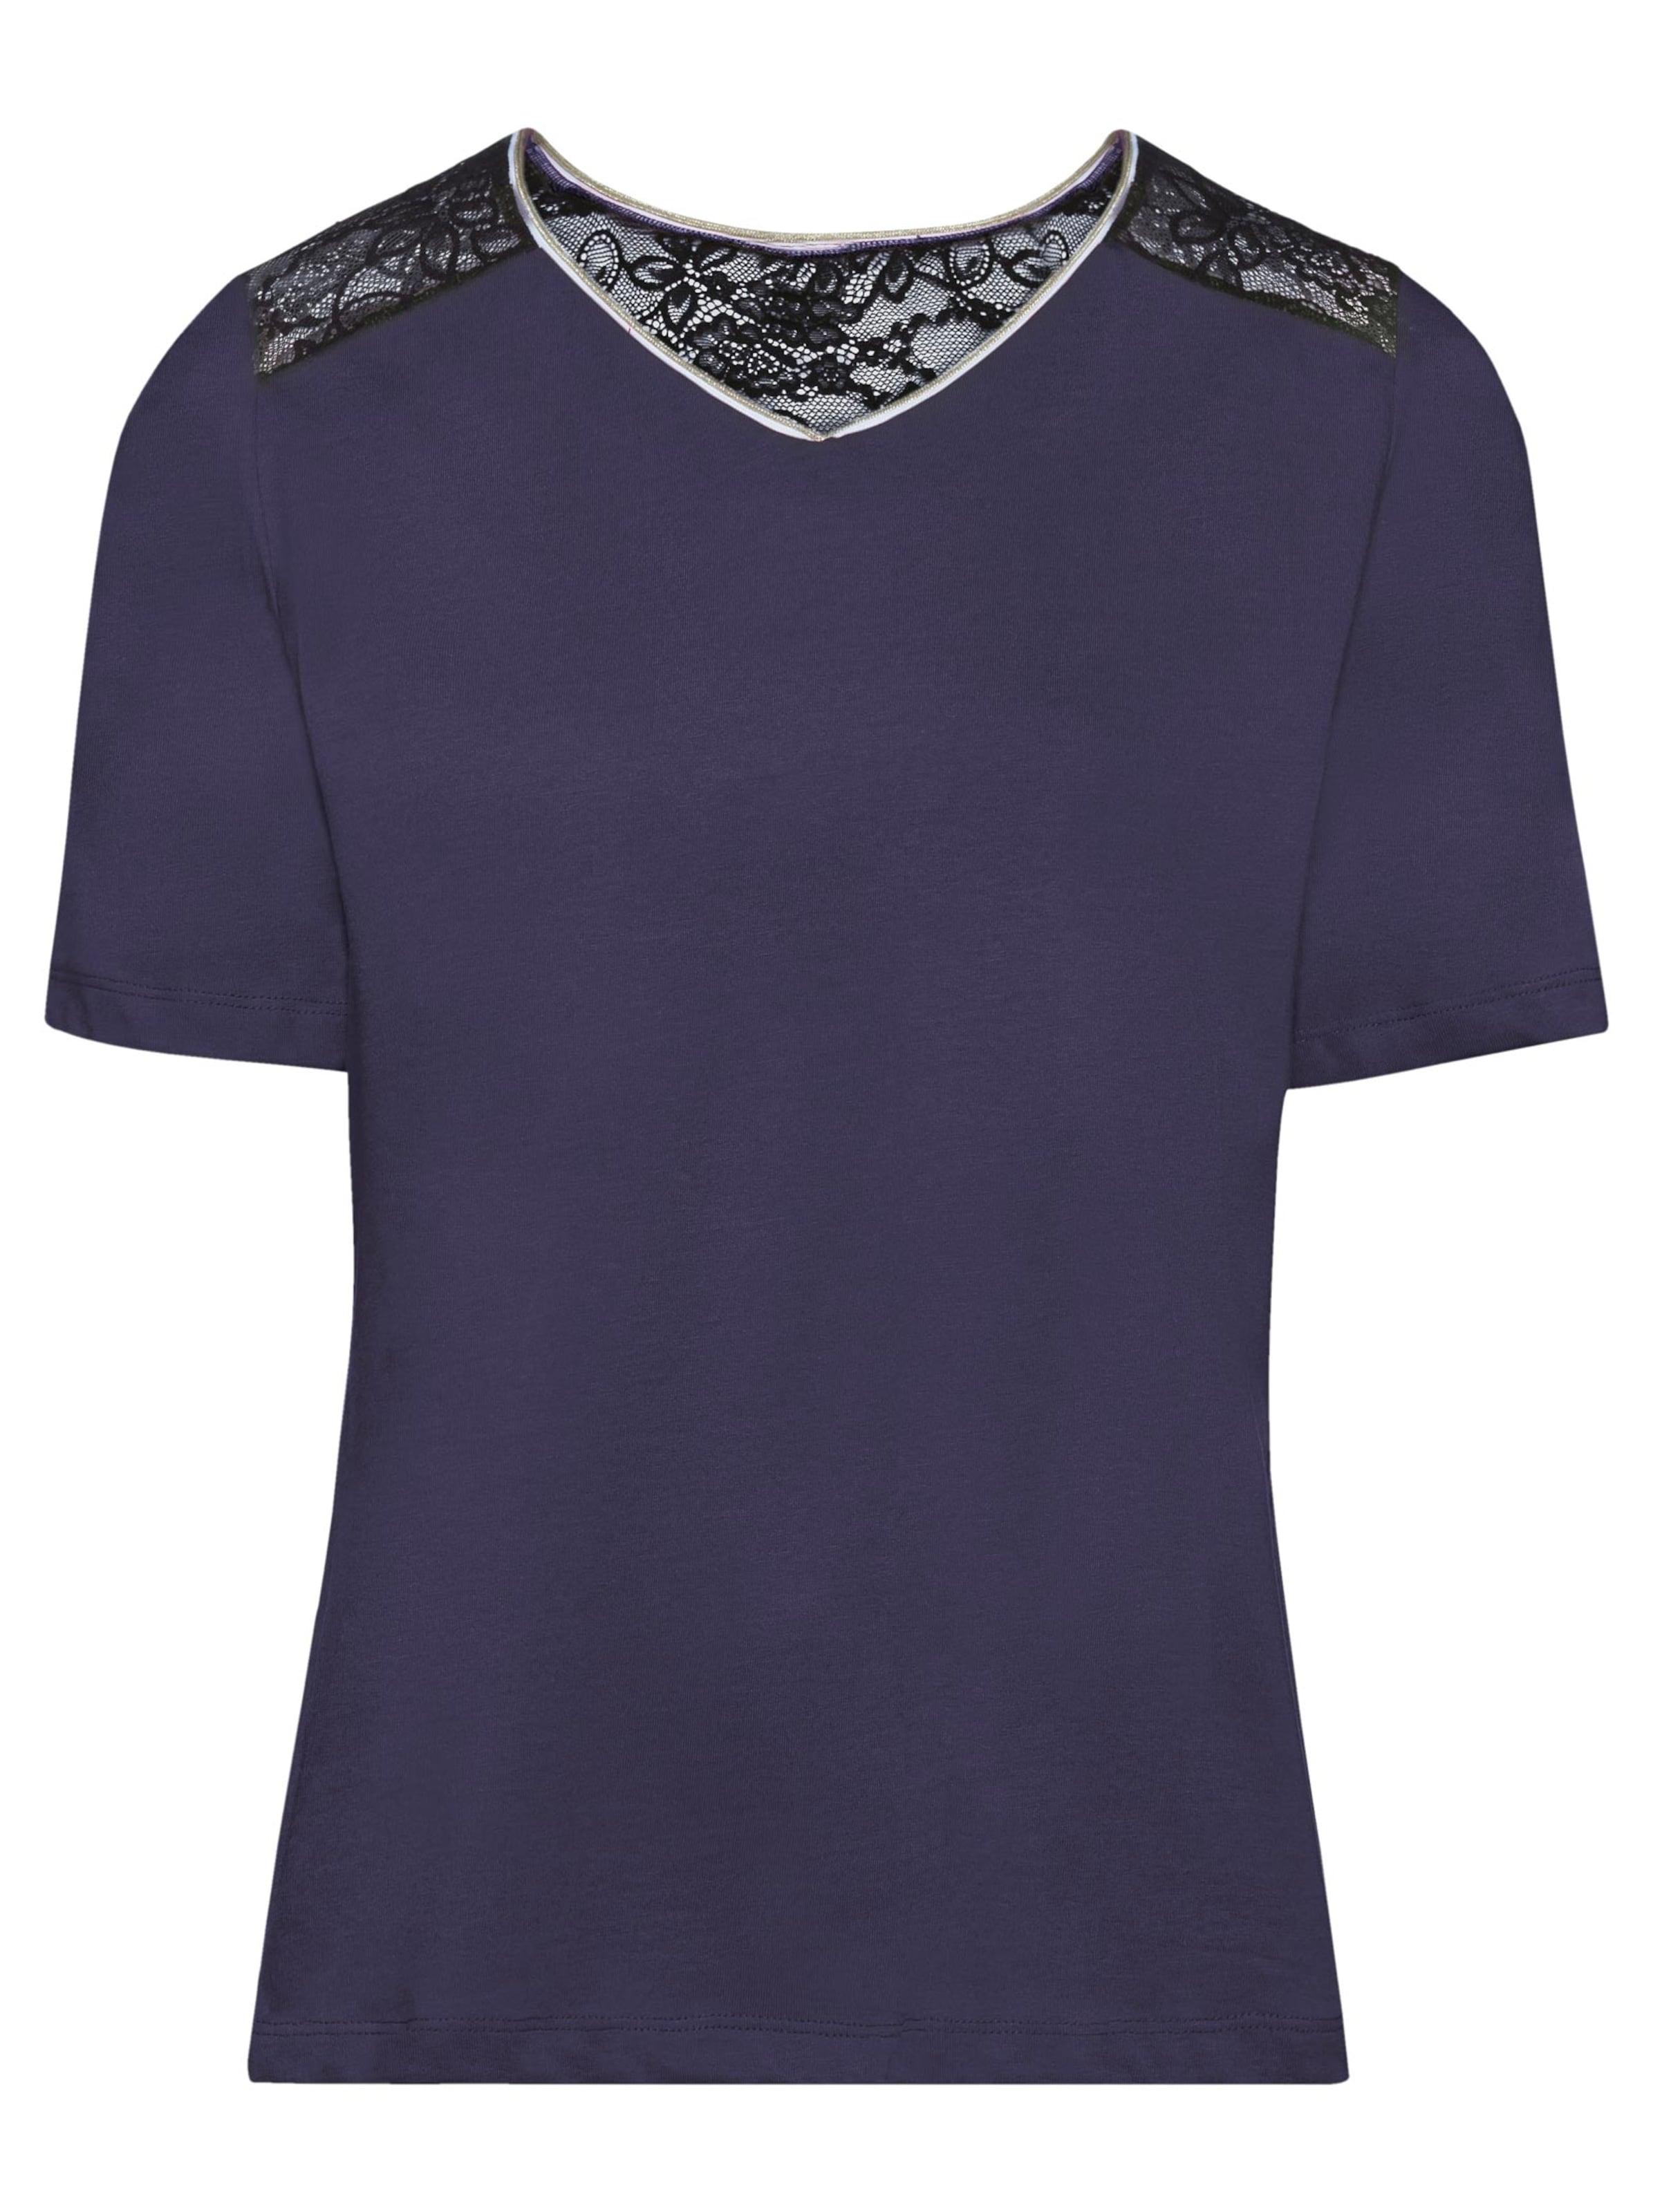 witt weiden - Damen Shirt nachtblau